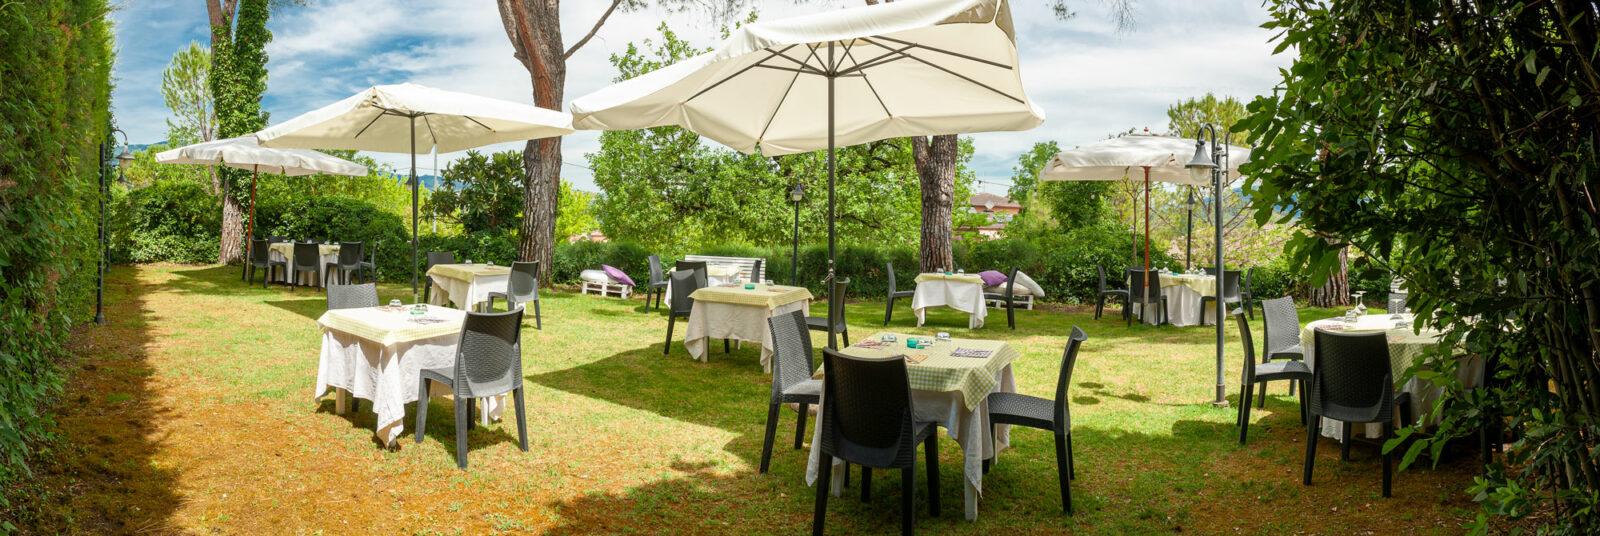 la-fattoria-ristorante-pizzeria-albergo-giardino-panoramica